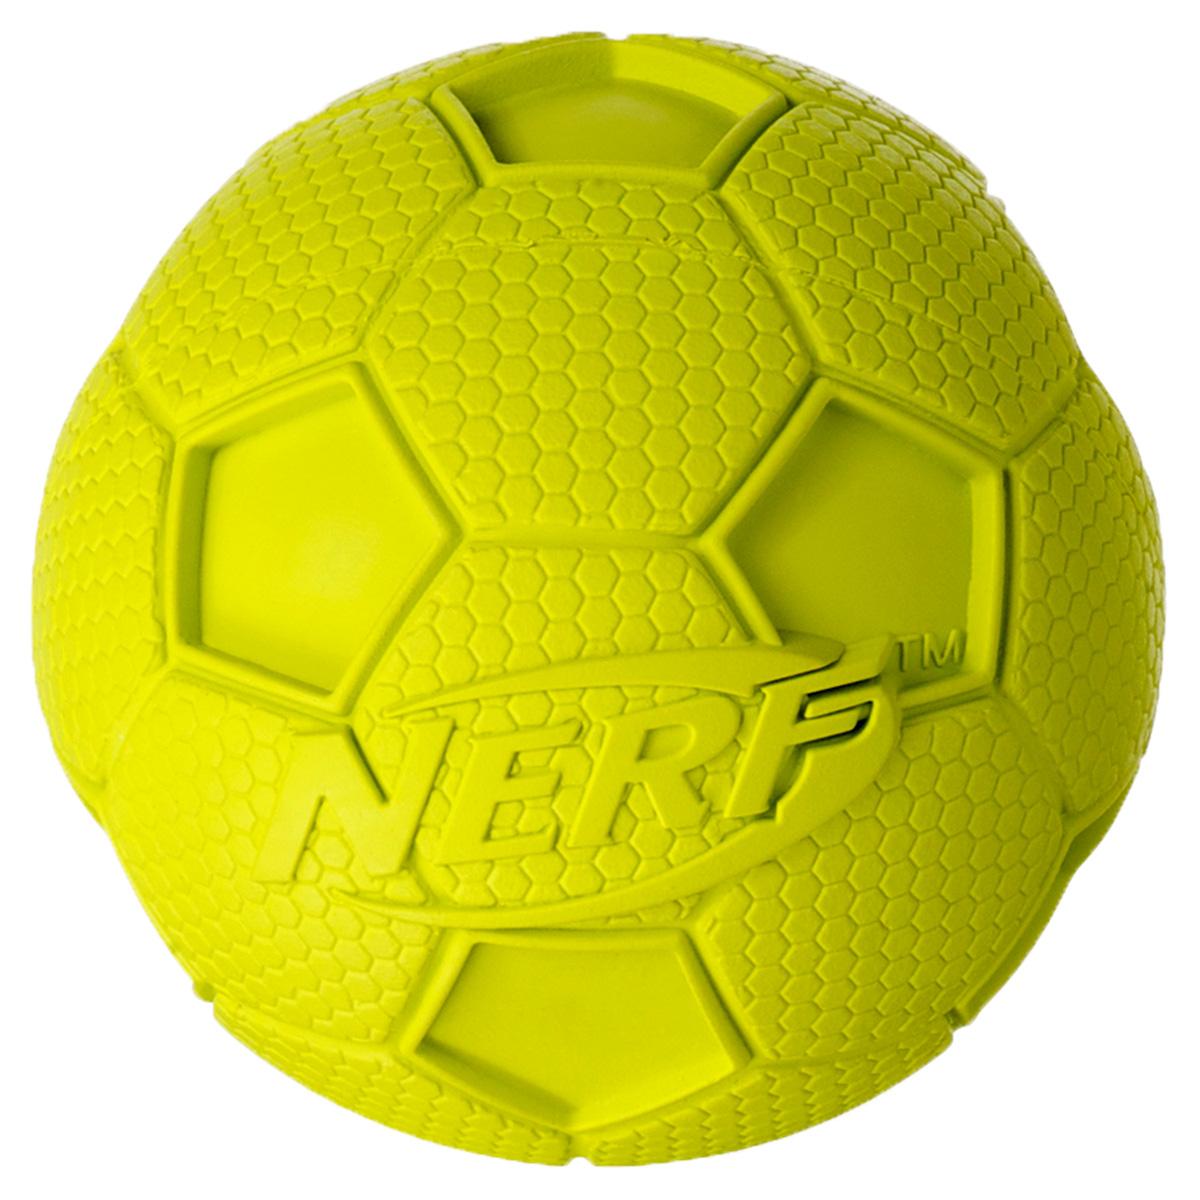 Игрушка для собак Nerf Мяч футбольный, с пищалкой, цвет: желтый, 10 см75065Мяч Nerf выполнен из сверхпрочной резины. Оптимален для игры с собакой дома и на свежем воздухе.Подходит собакам с самой мощной челюстью!Высококачественные прочные материалы, из которых изготовлена игрушка, обеспечивают долговечность использования.Звук мяча дополнительно увлекает собаку игрой.Яркие привлекательные цвета.Размер L: 10 см.